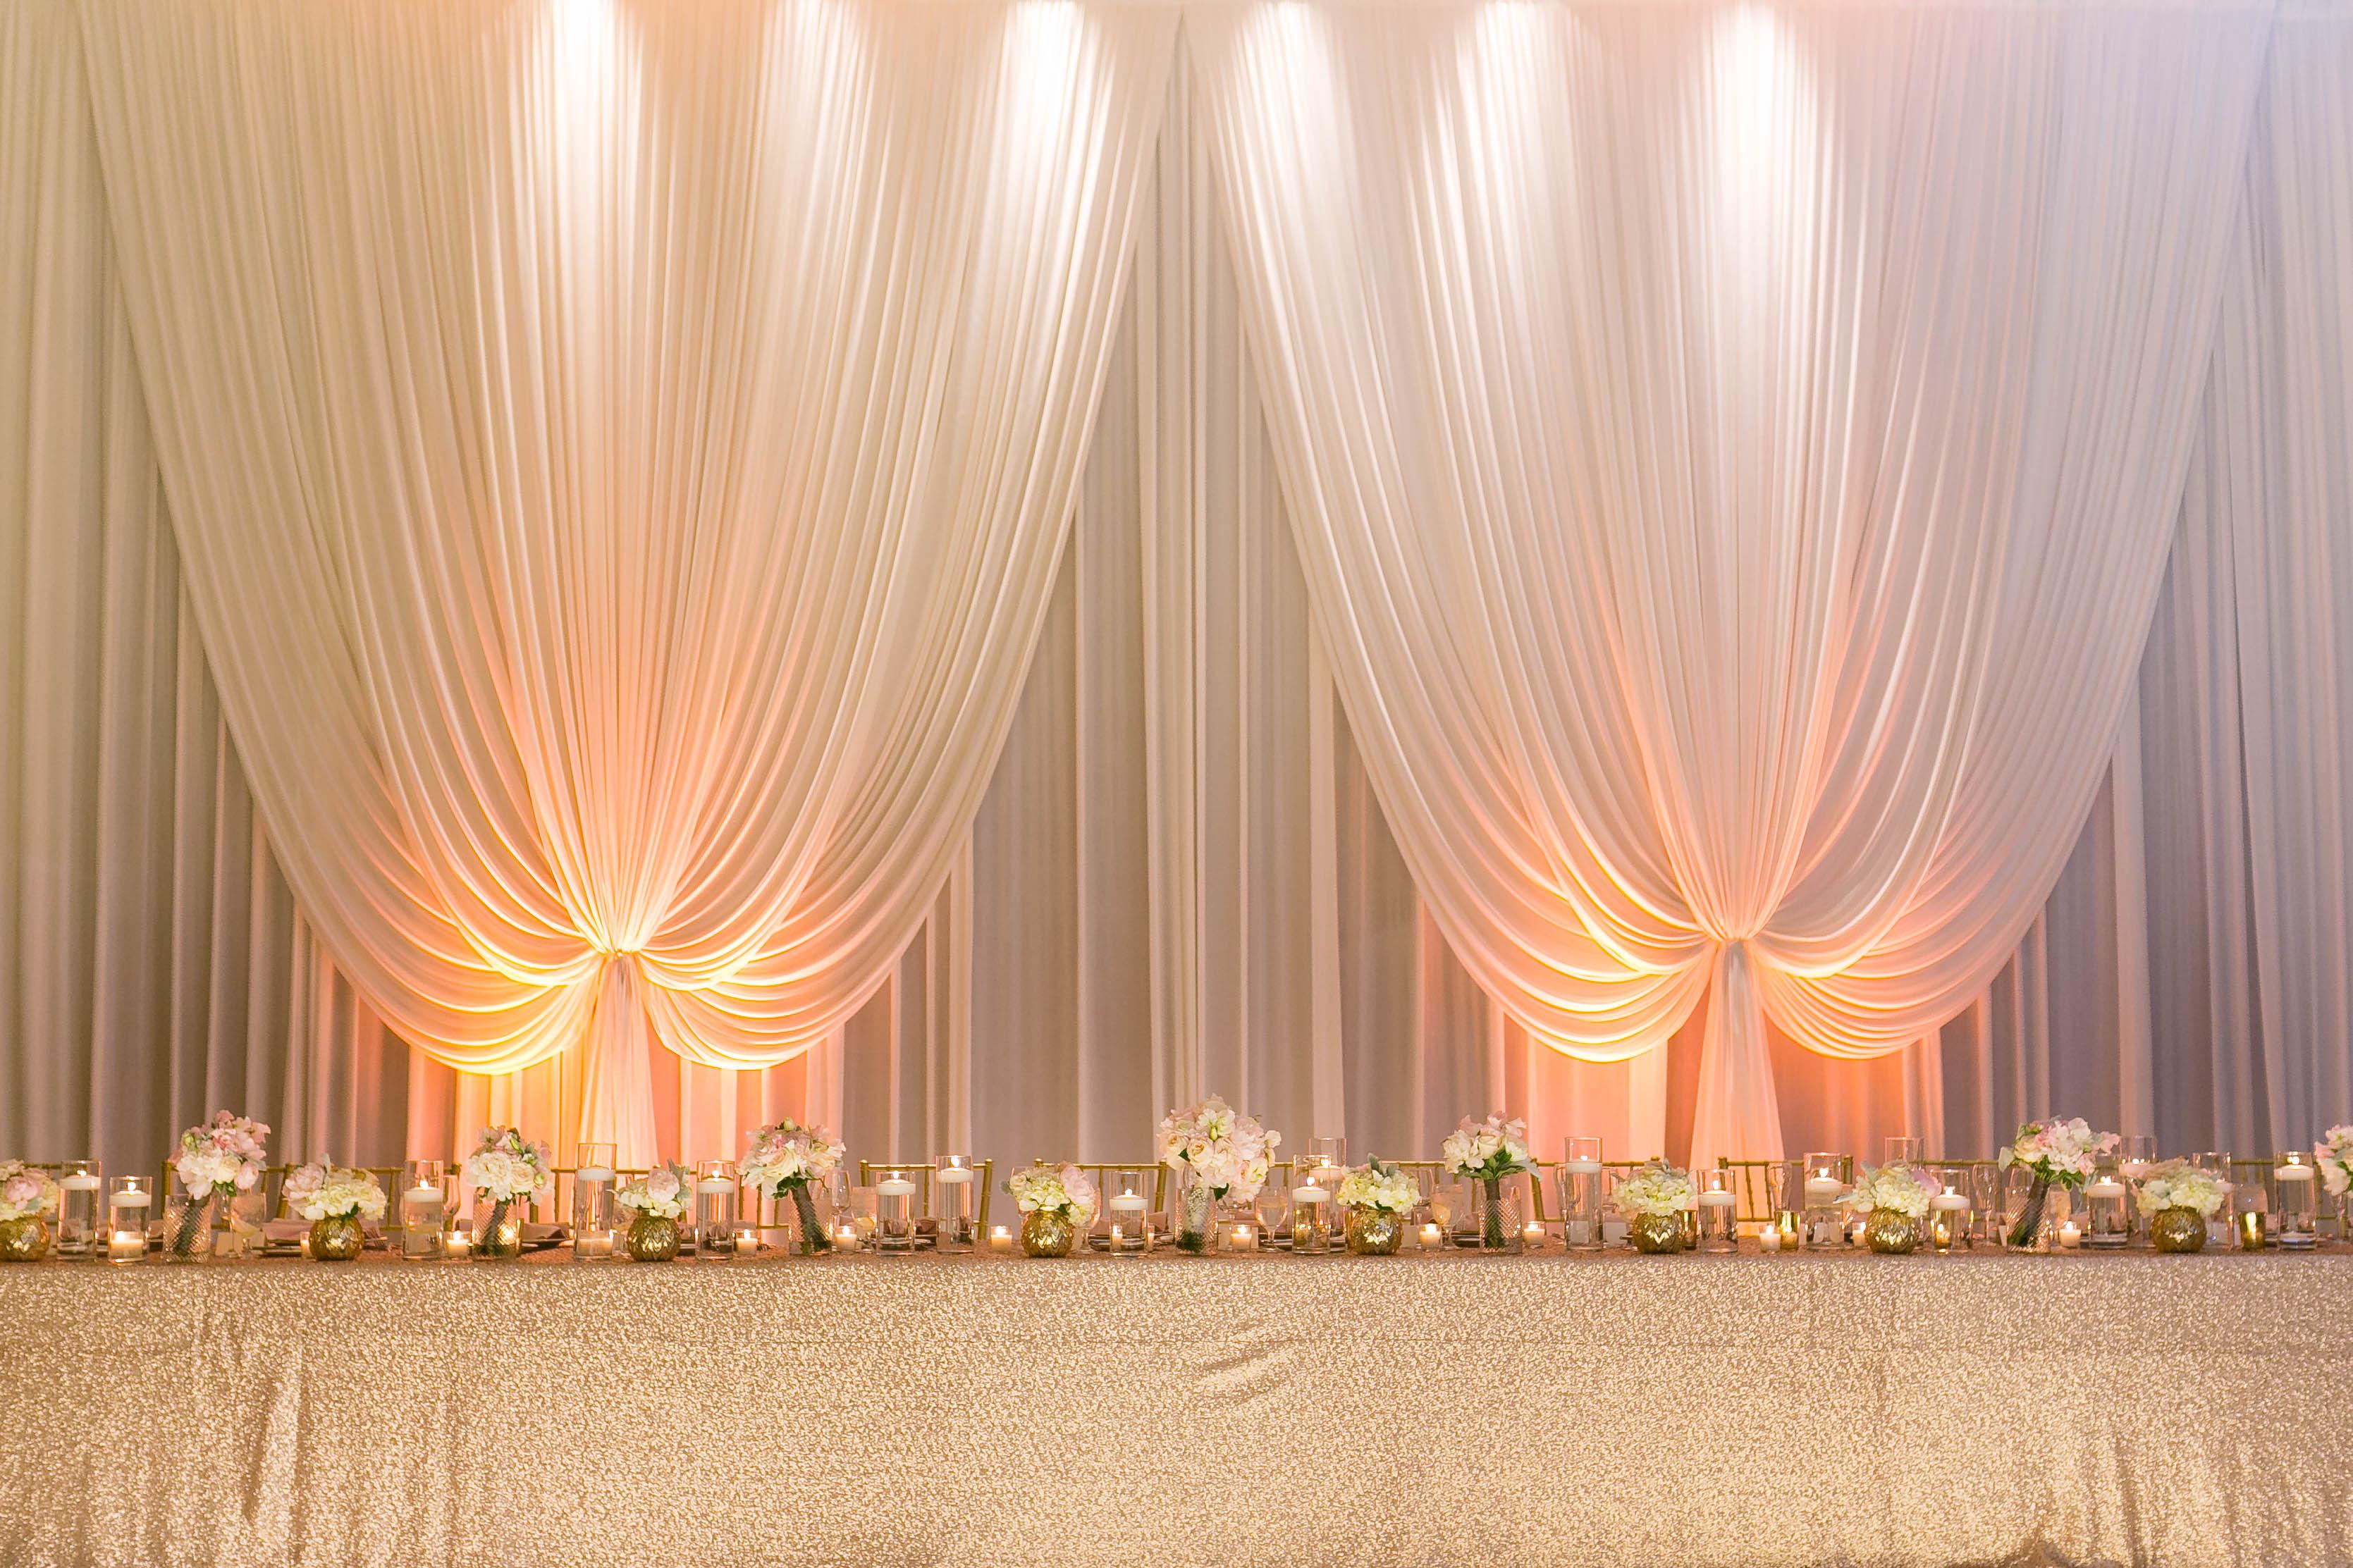 Head Table at Wedding - Elizabeth Anne Designs: The Wedding Blog